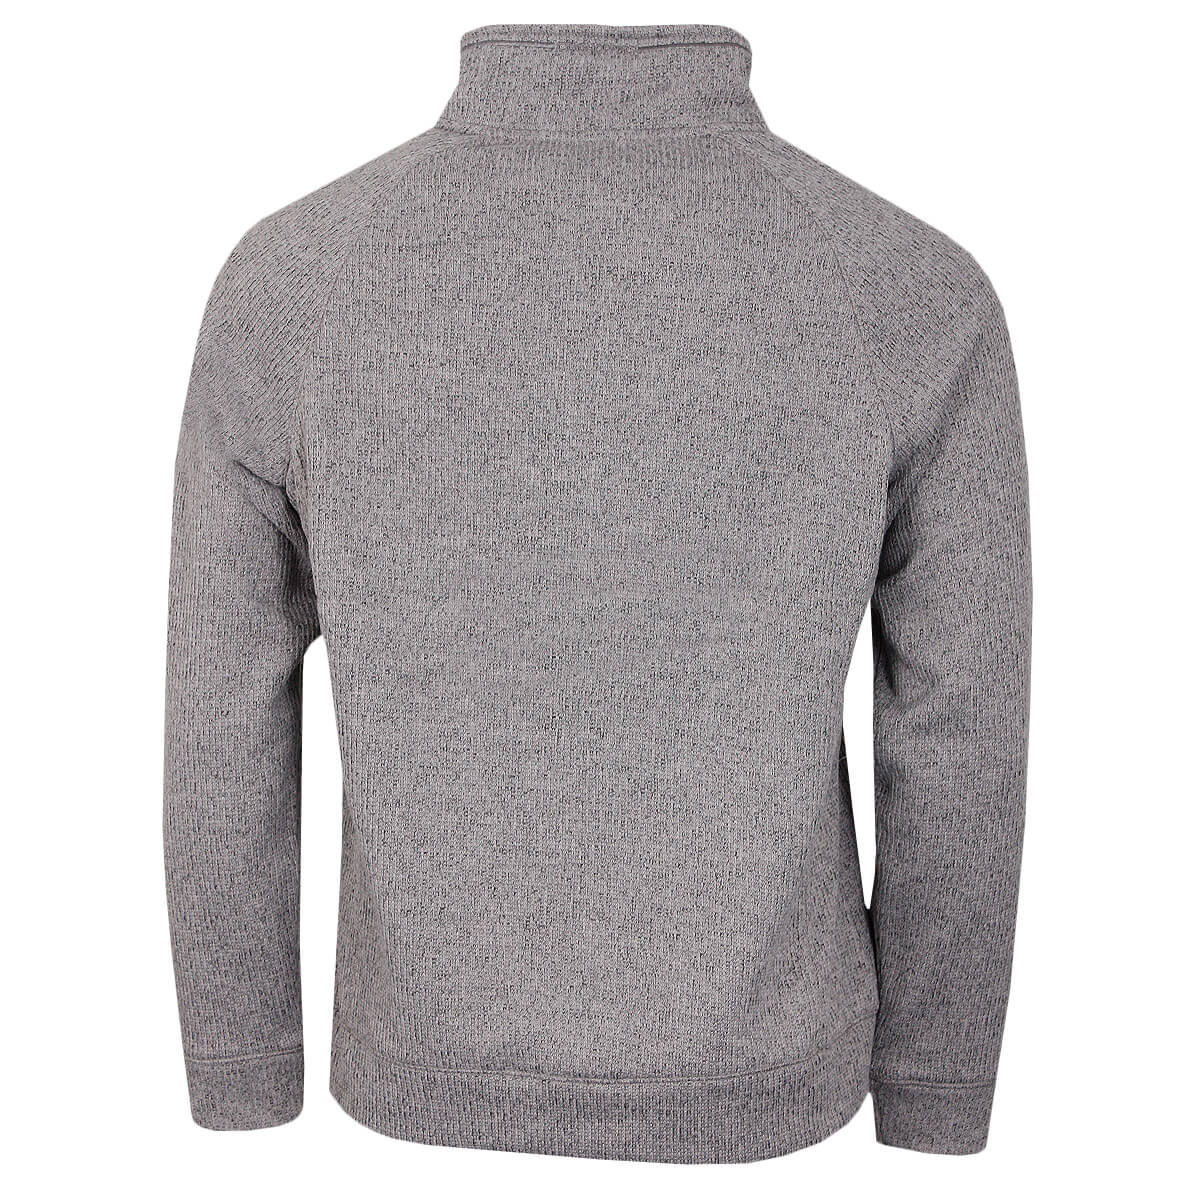 Craghoppers-Mens-Norton-Half-Zip-Fleece-Outdoor-Sweater-Pullover-60-OFF-RRP Indexbild 7